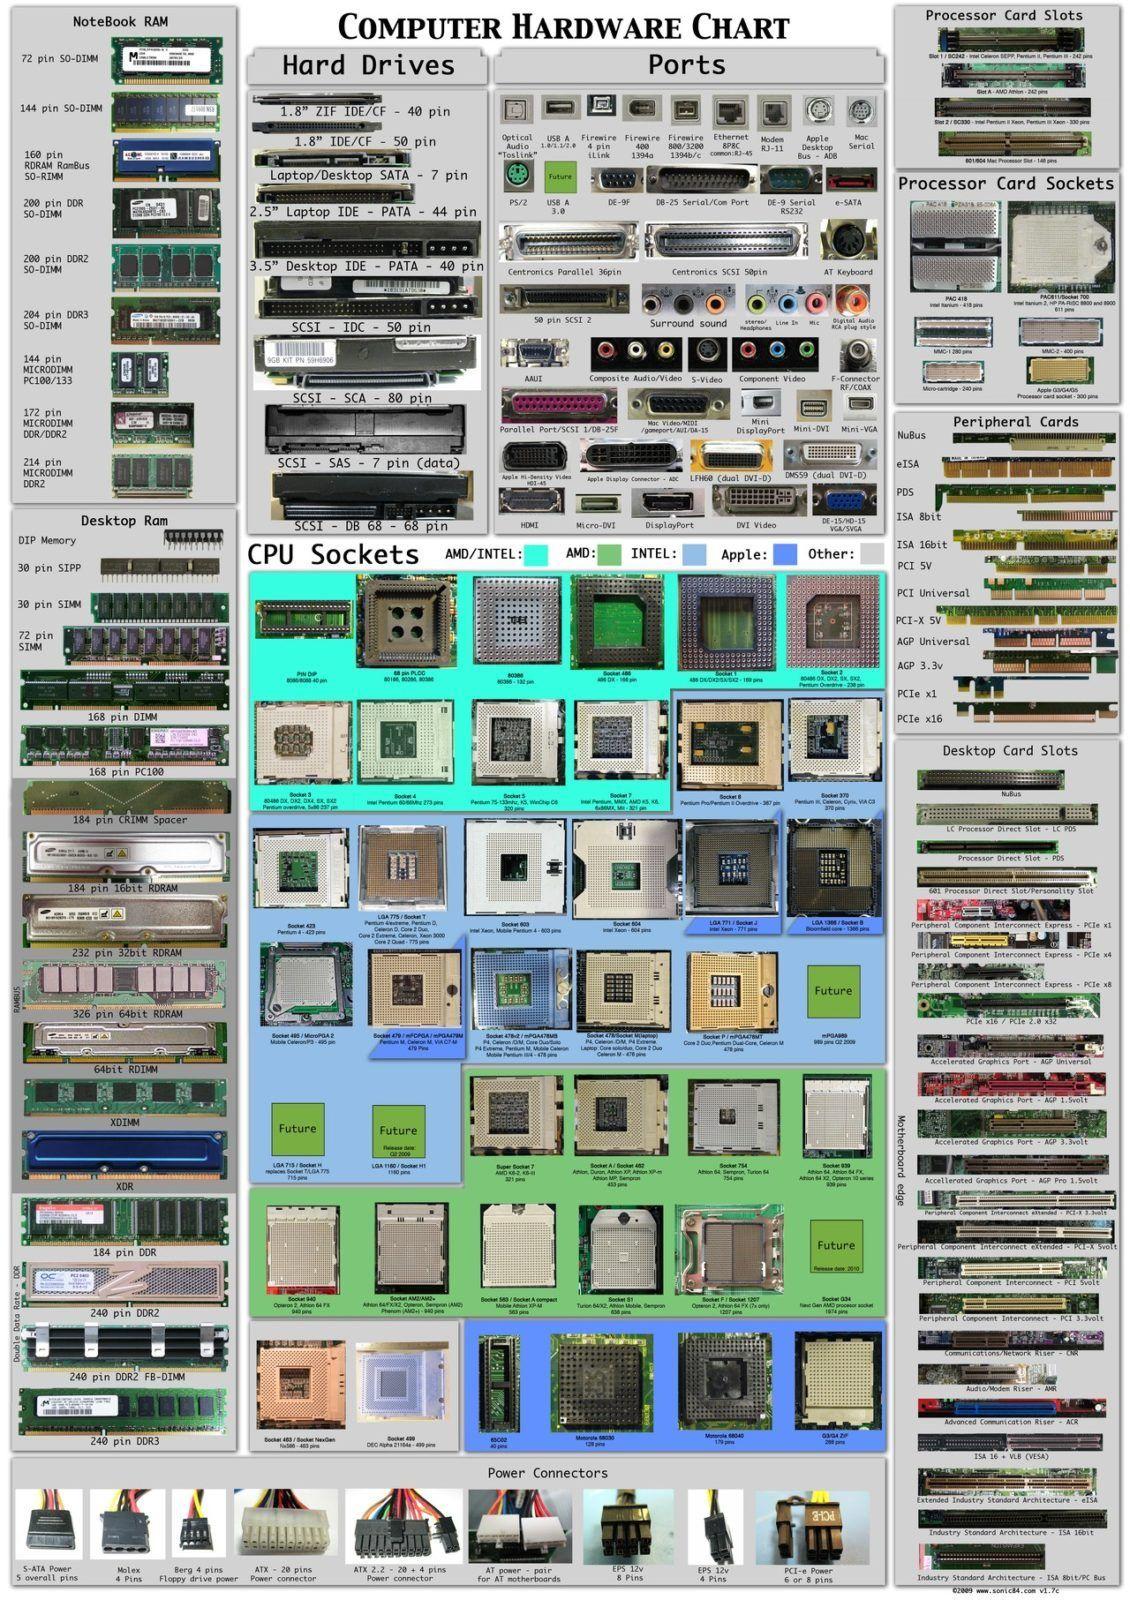 Все разъемы компьютера, CPU, HDD, порты, память, блок питания